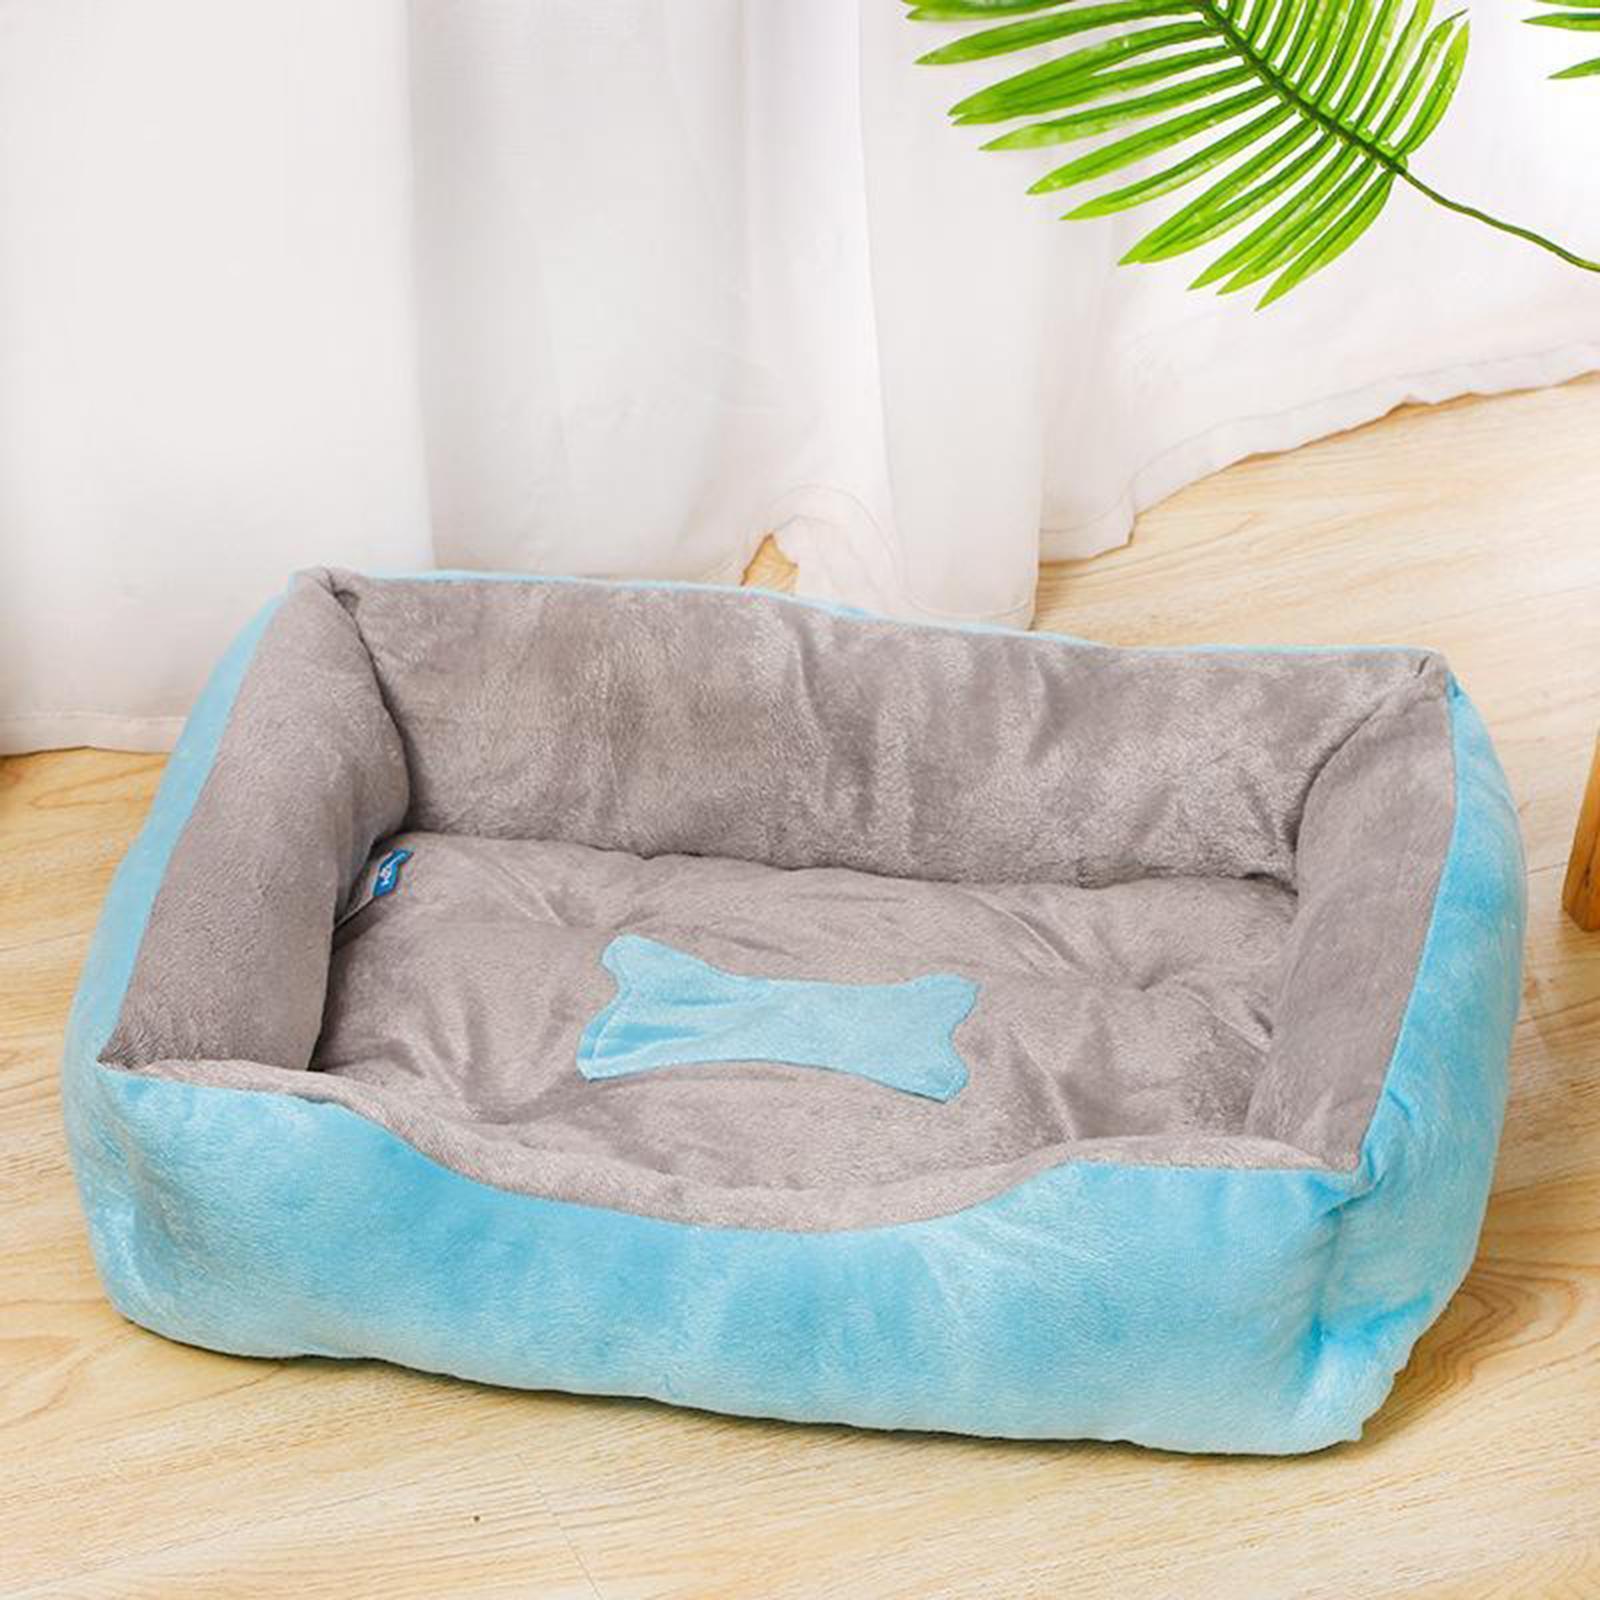 Indexbild 74 - Katze-Hund-Bett-Pet-Kissen-Betten-Haus-Schlaf-Soft-Warmen-Zwinger-Decke-Nest